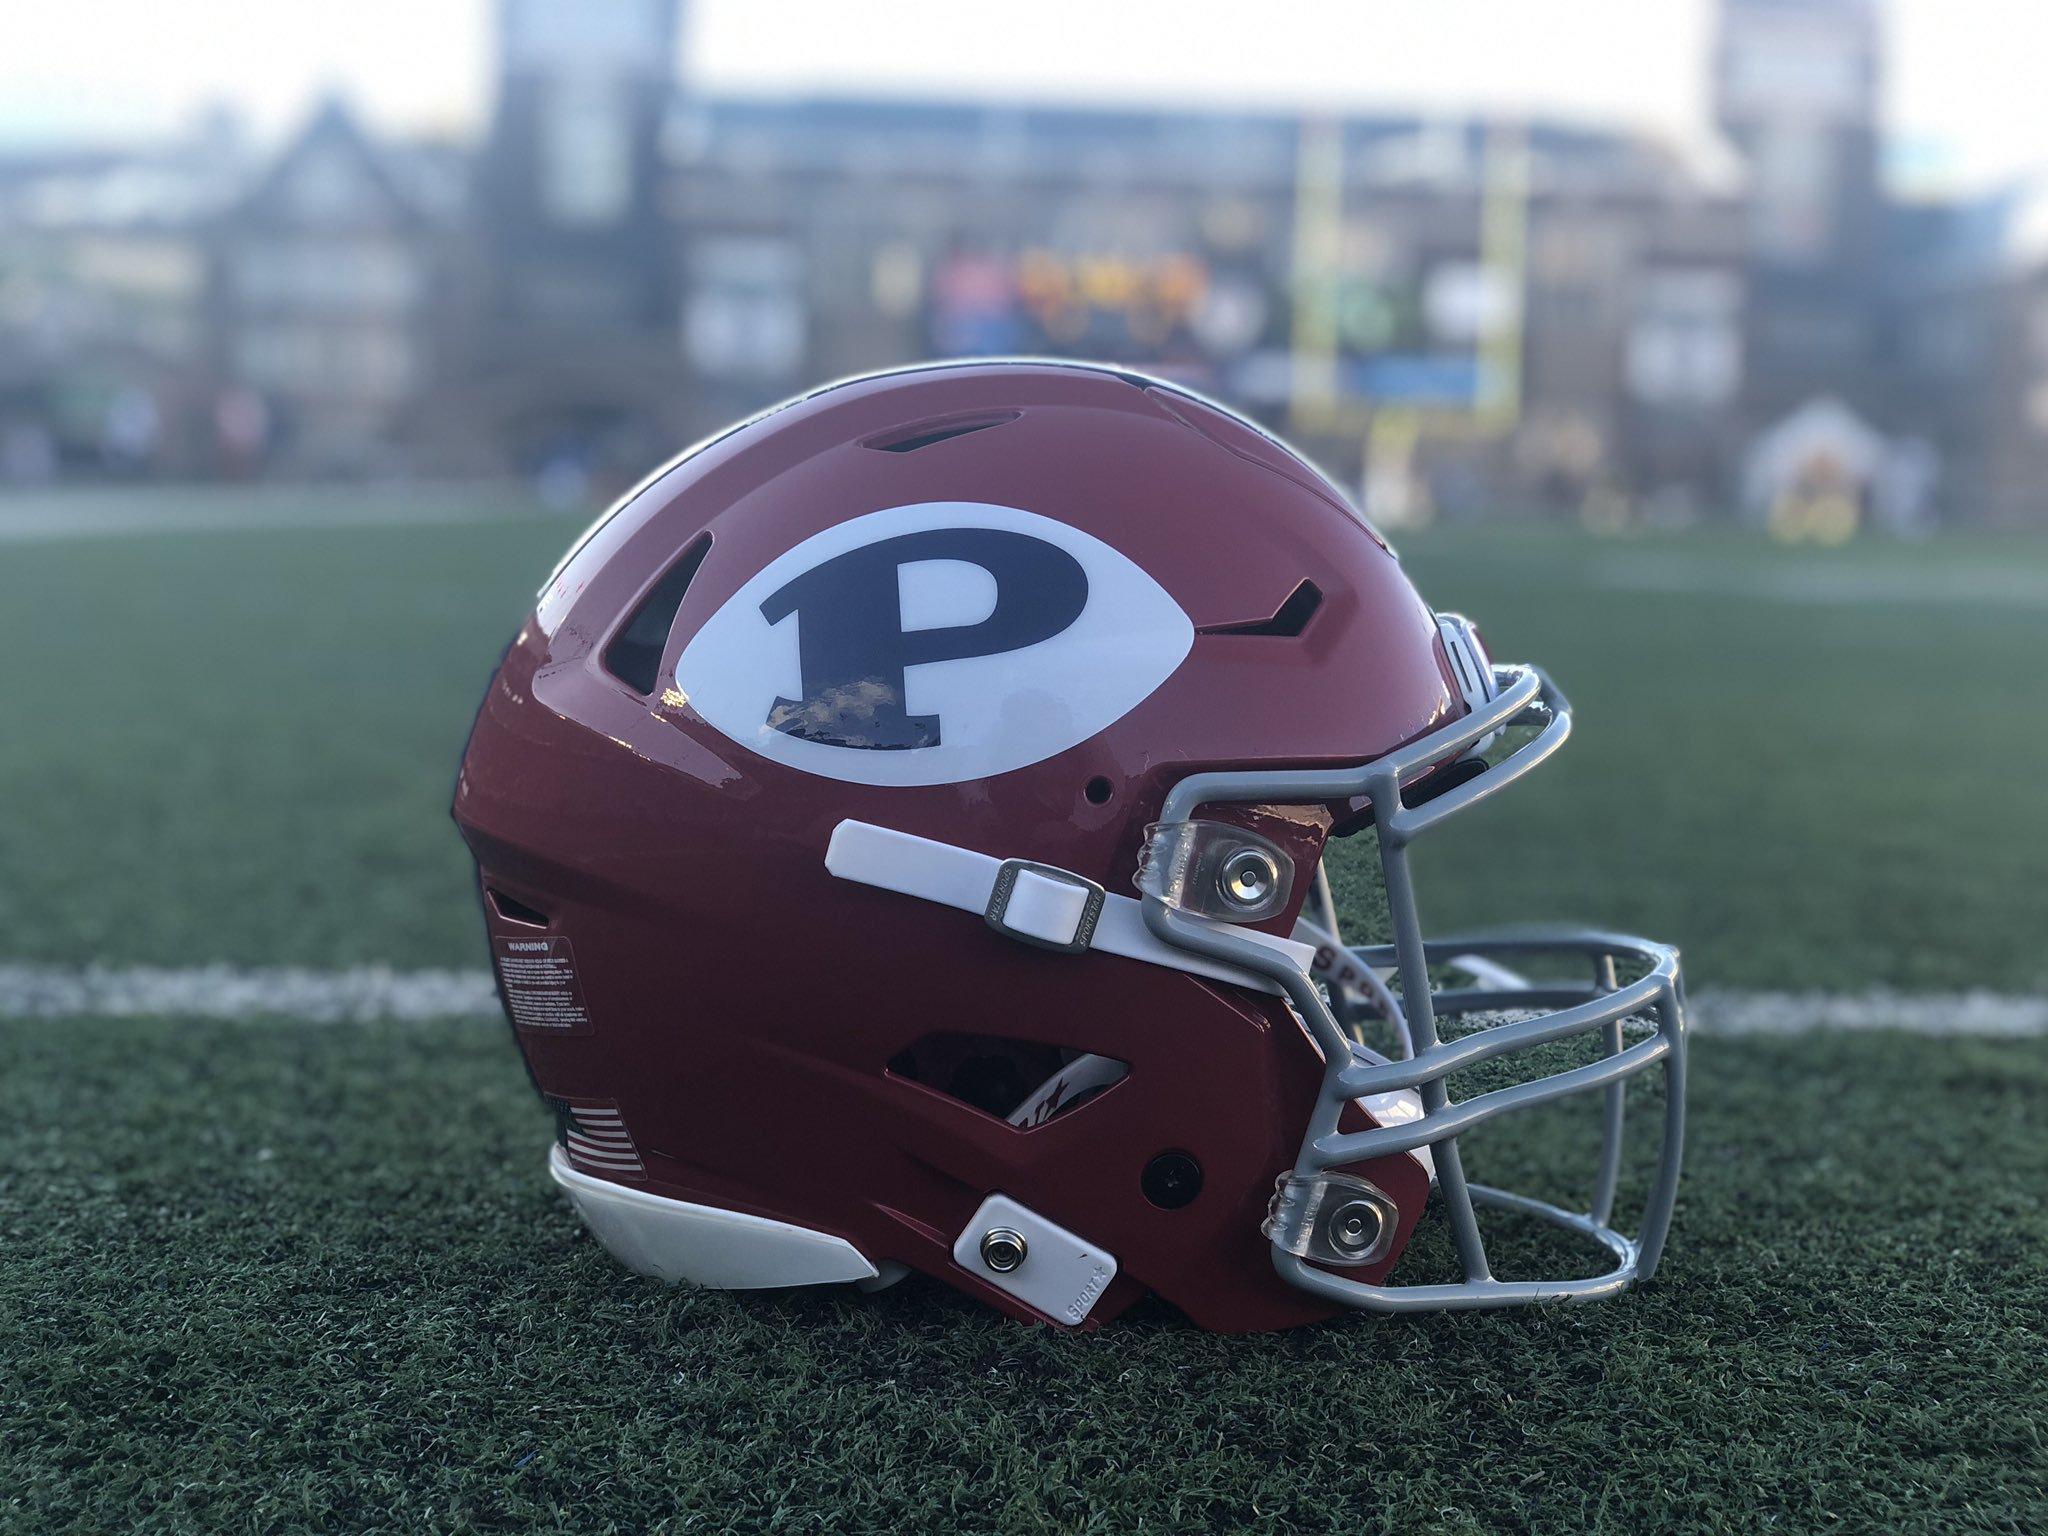 Dartmouth defeats Penn in return to Franklin Field